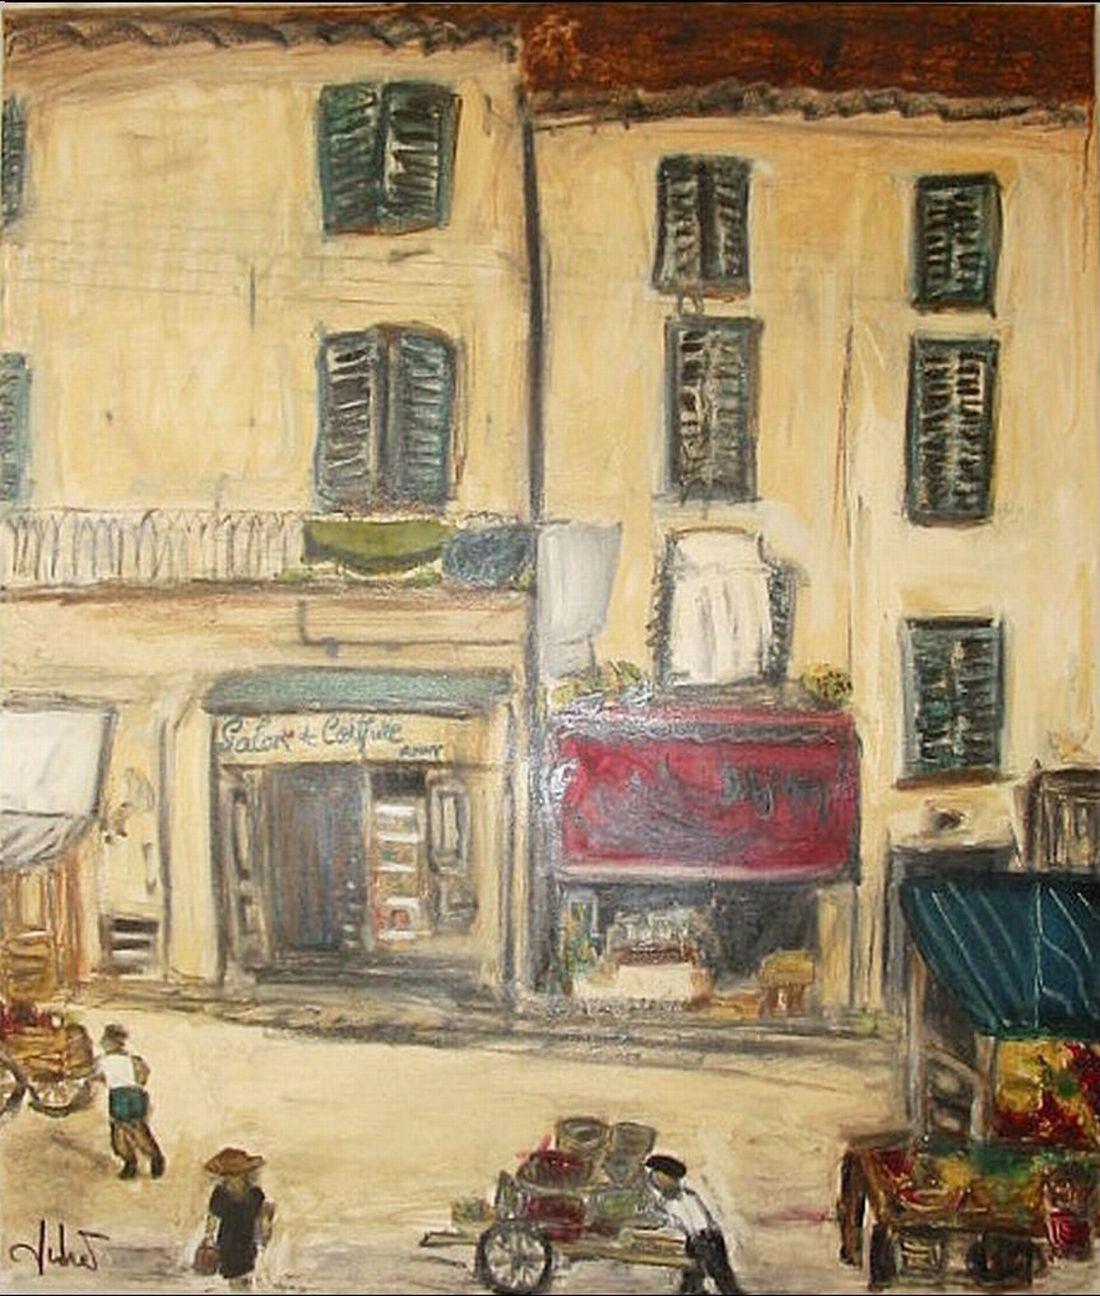 Mobel Frankreich Malerei : Bild gasse frankreich markt malerei von juhei bei kunstnet